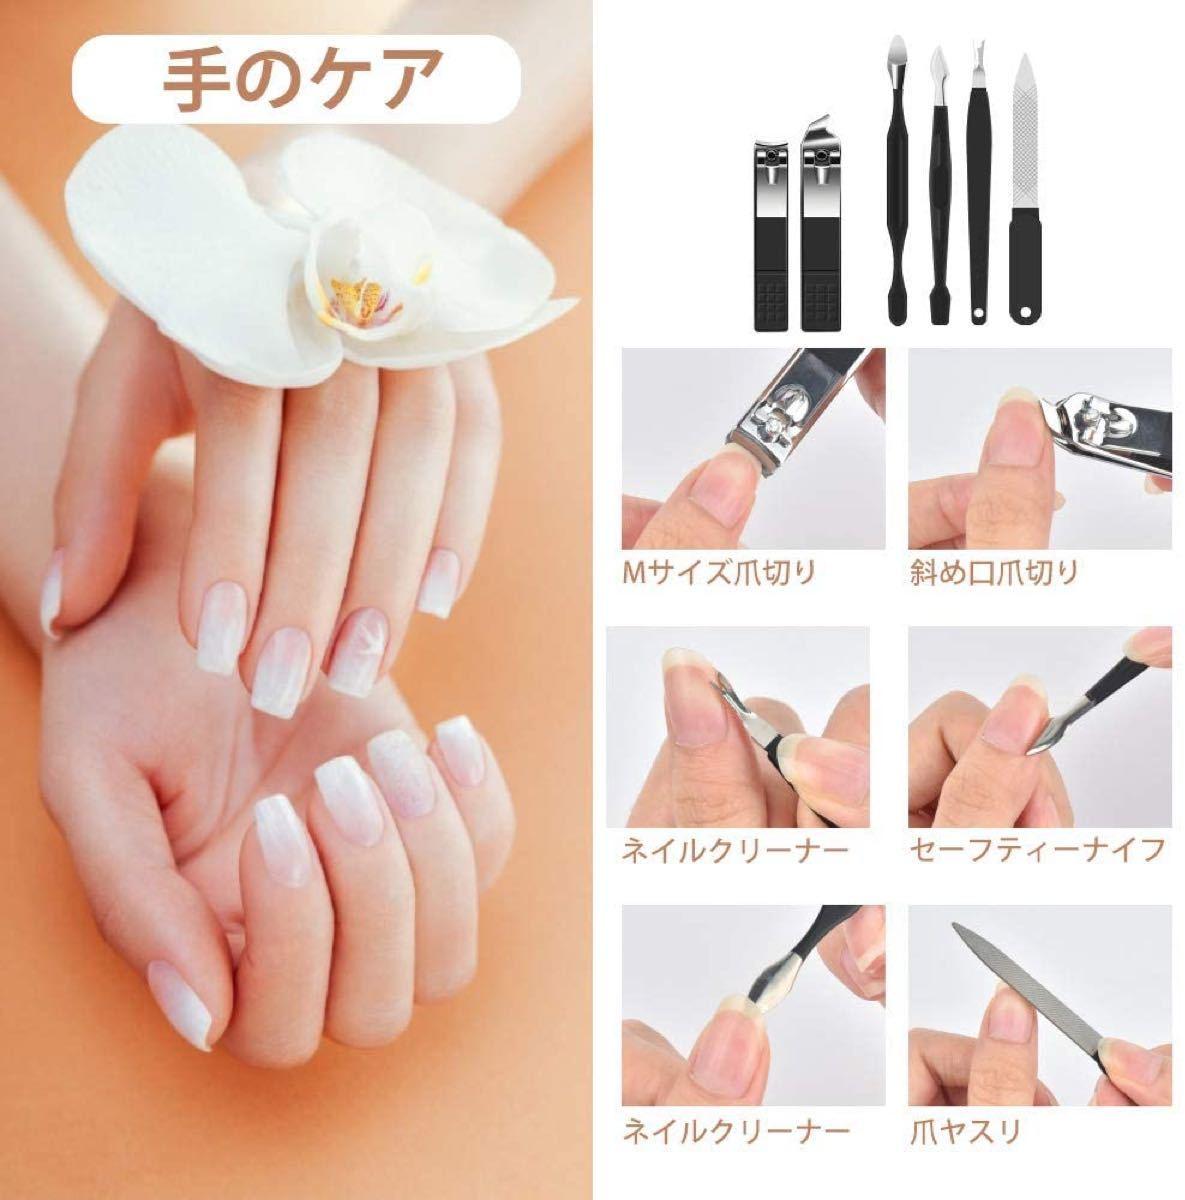 ネイルケアセット 爪切り 爪やすり キューティクルプッシャー・カッター ピンセット 皮ケース